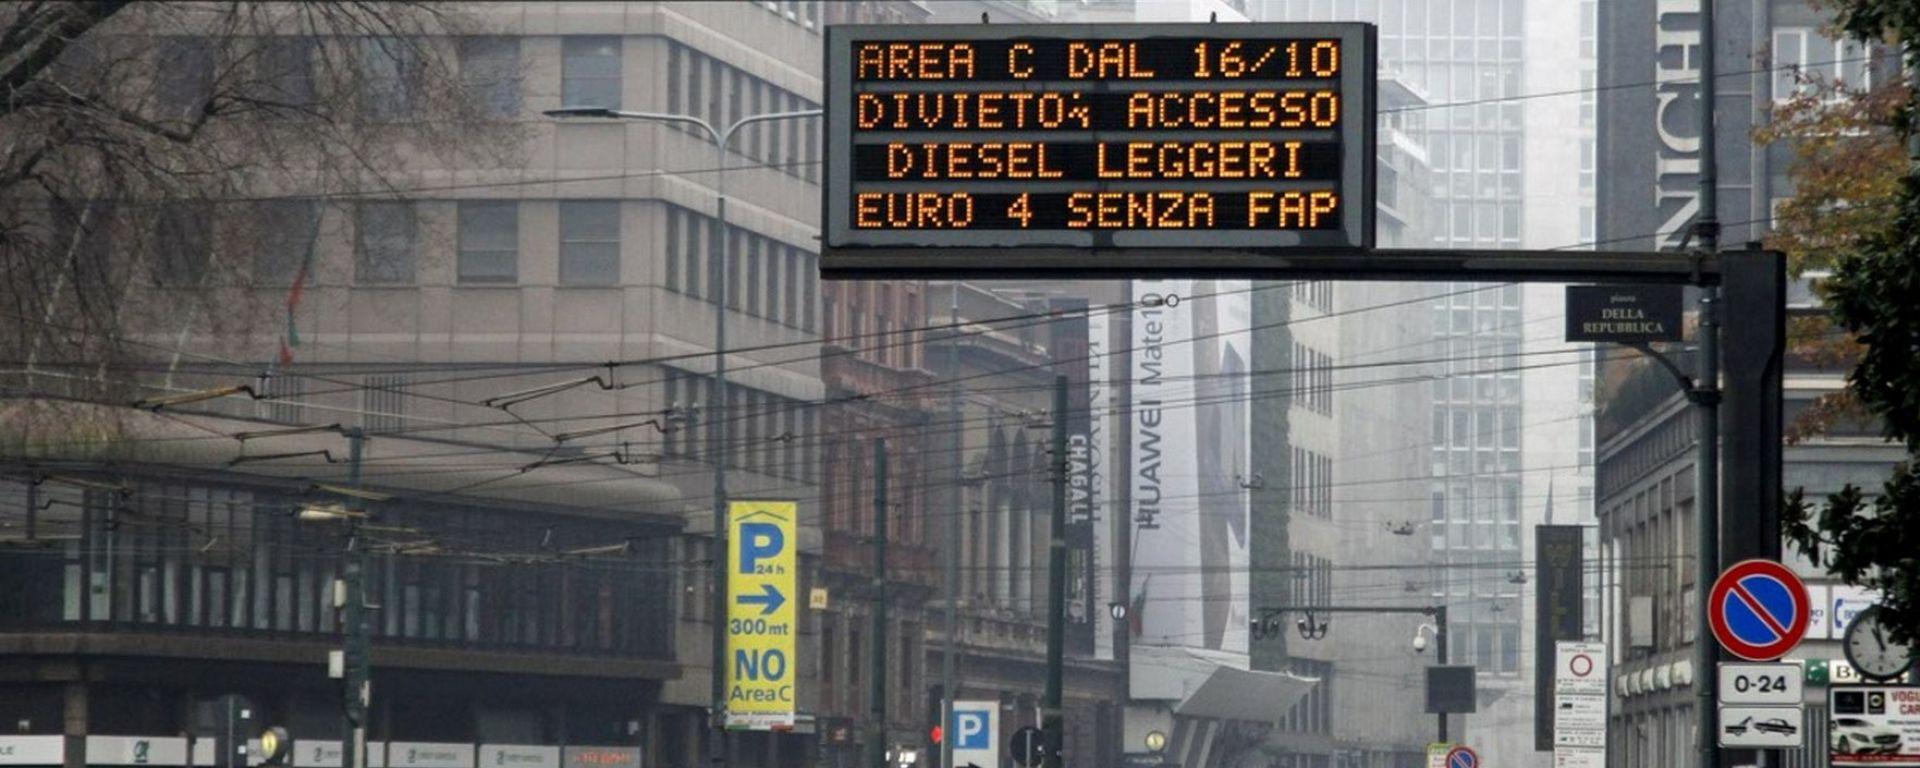 Milano chiude ai vecchi diesel, a gennaio 2019 le telecamere